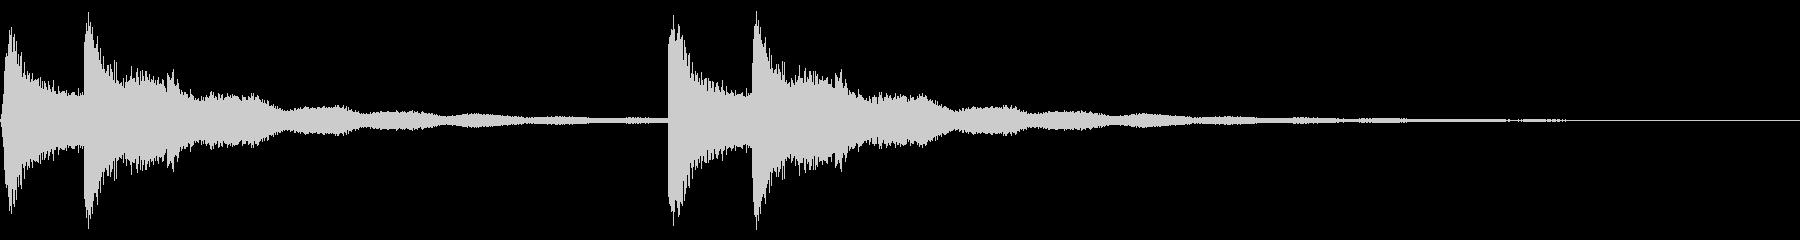 鐘の音色のピンポン~入店音~の未再生の波形